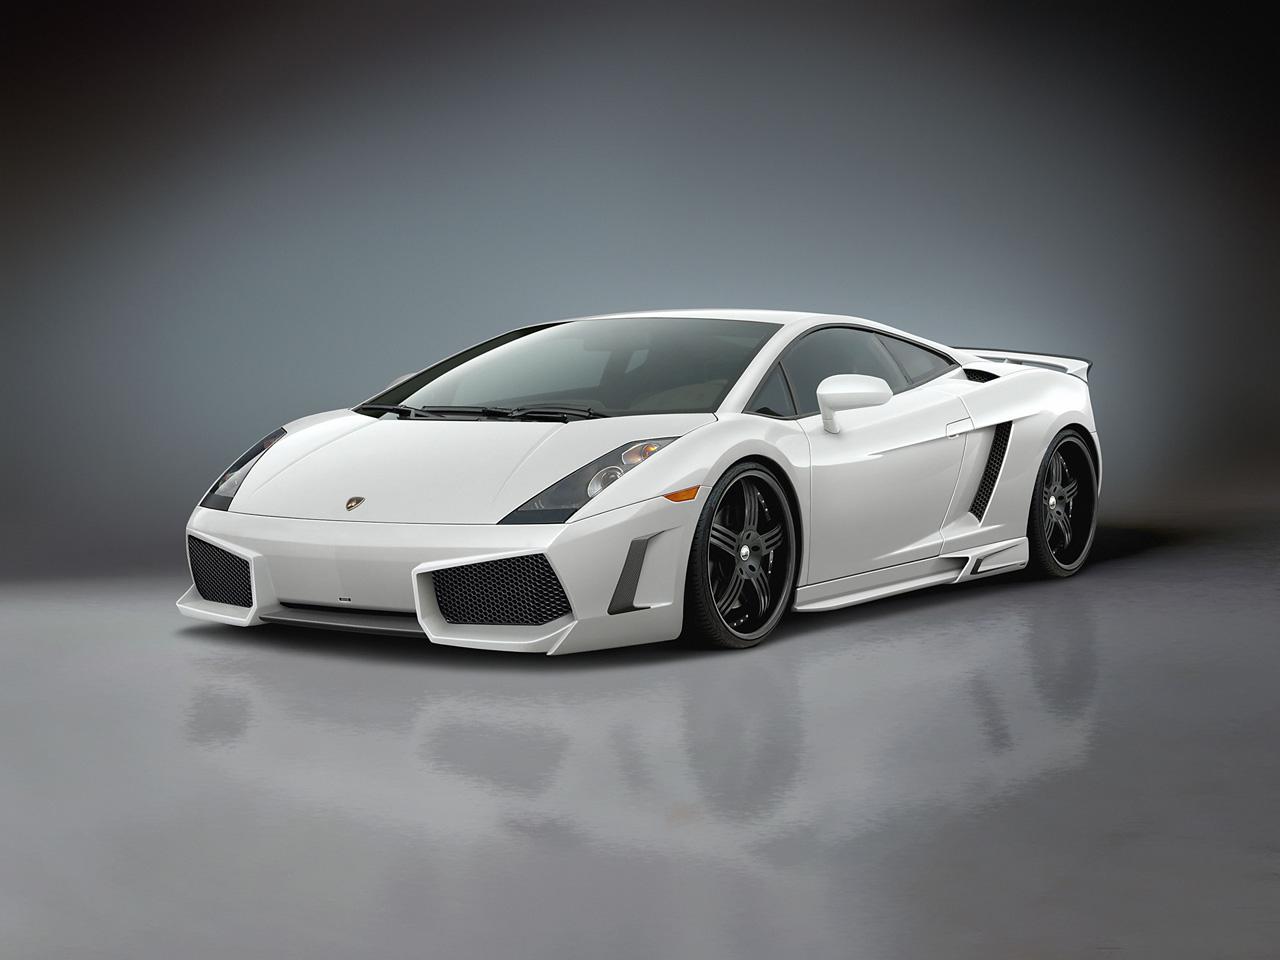 Lamborghini Gallardo Pictures